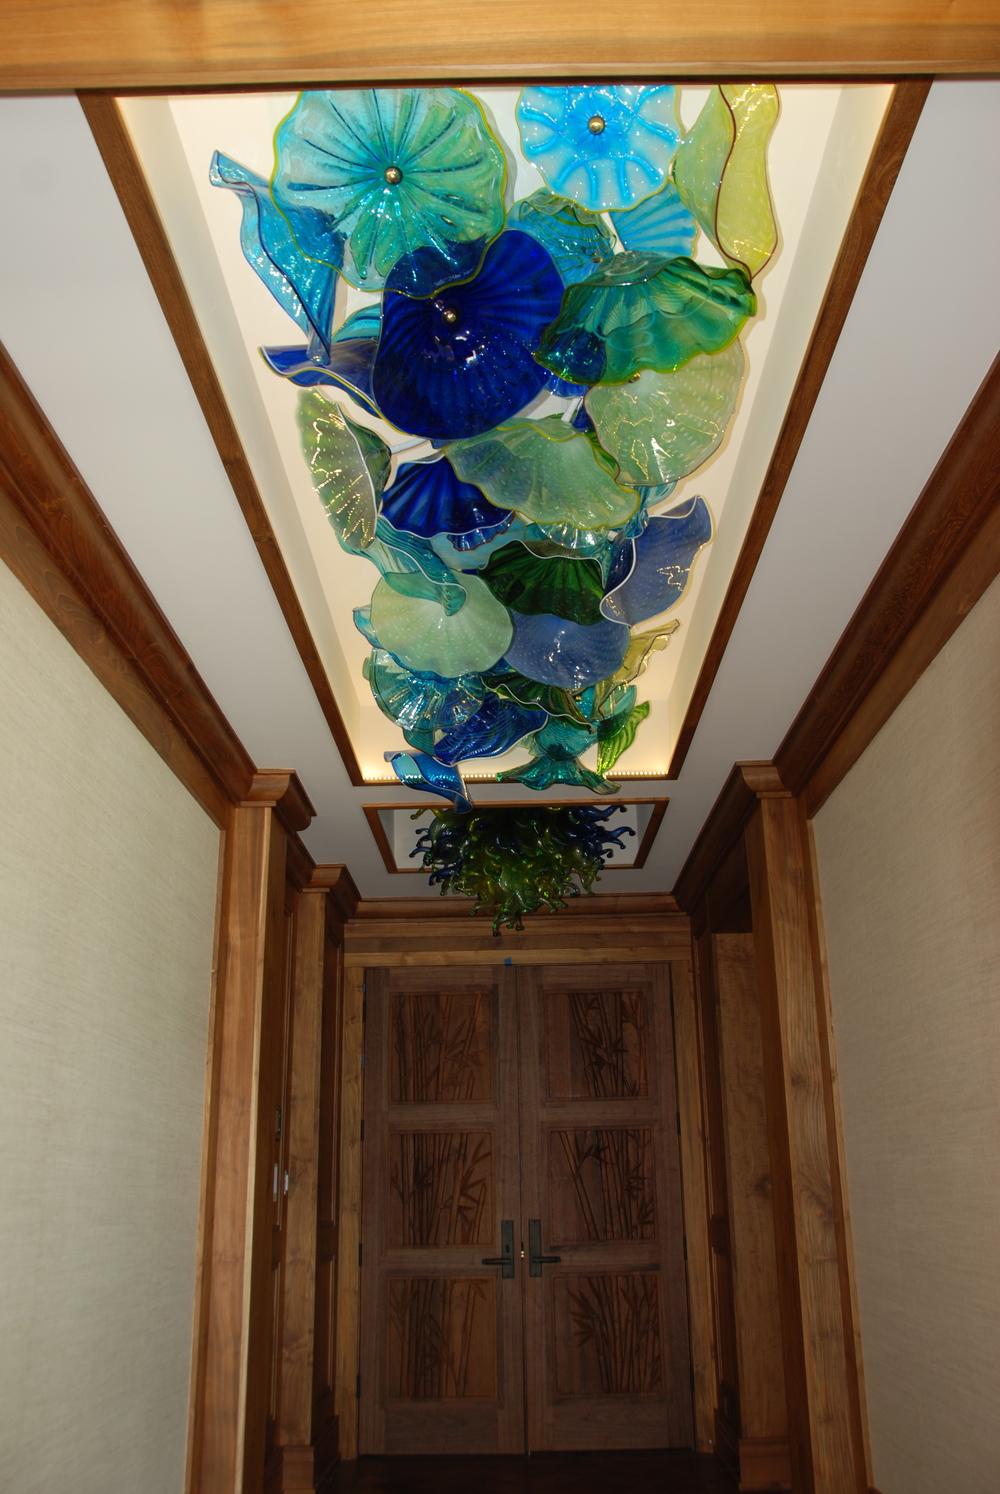 Polo Beach hallway ceiling glass